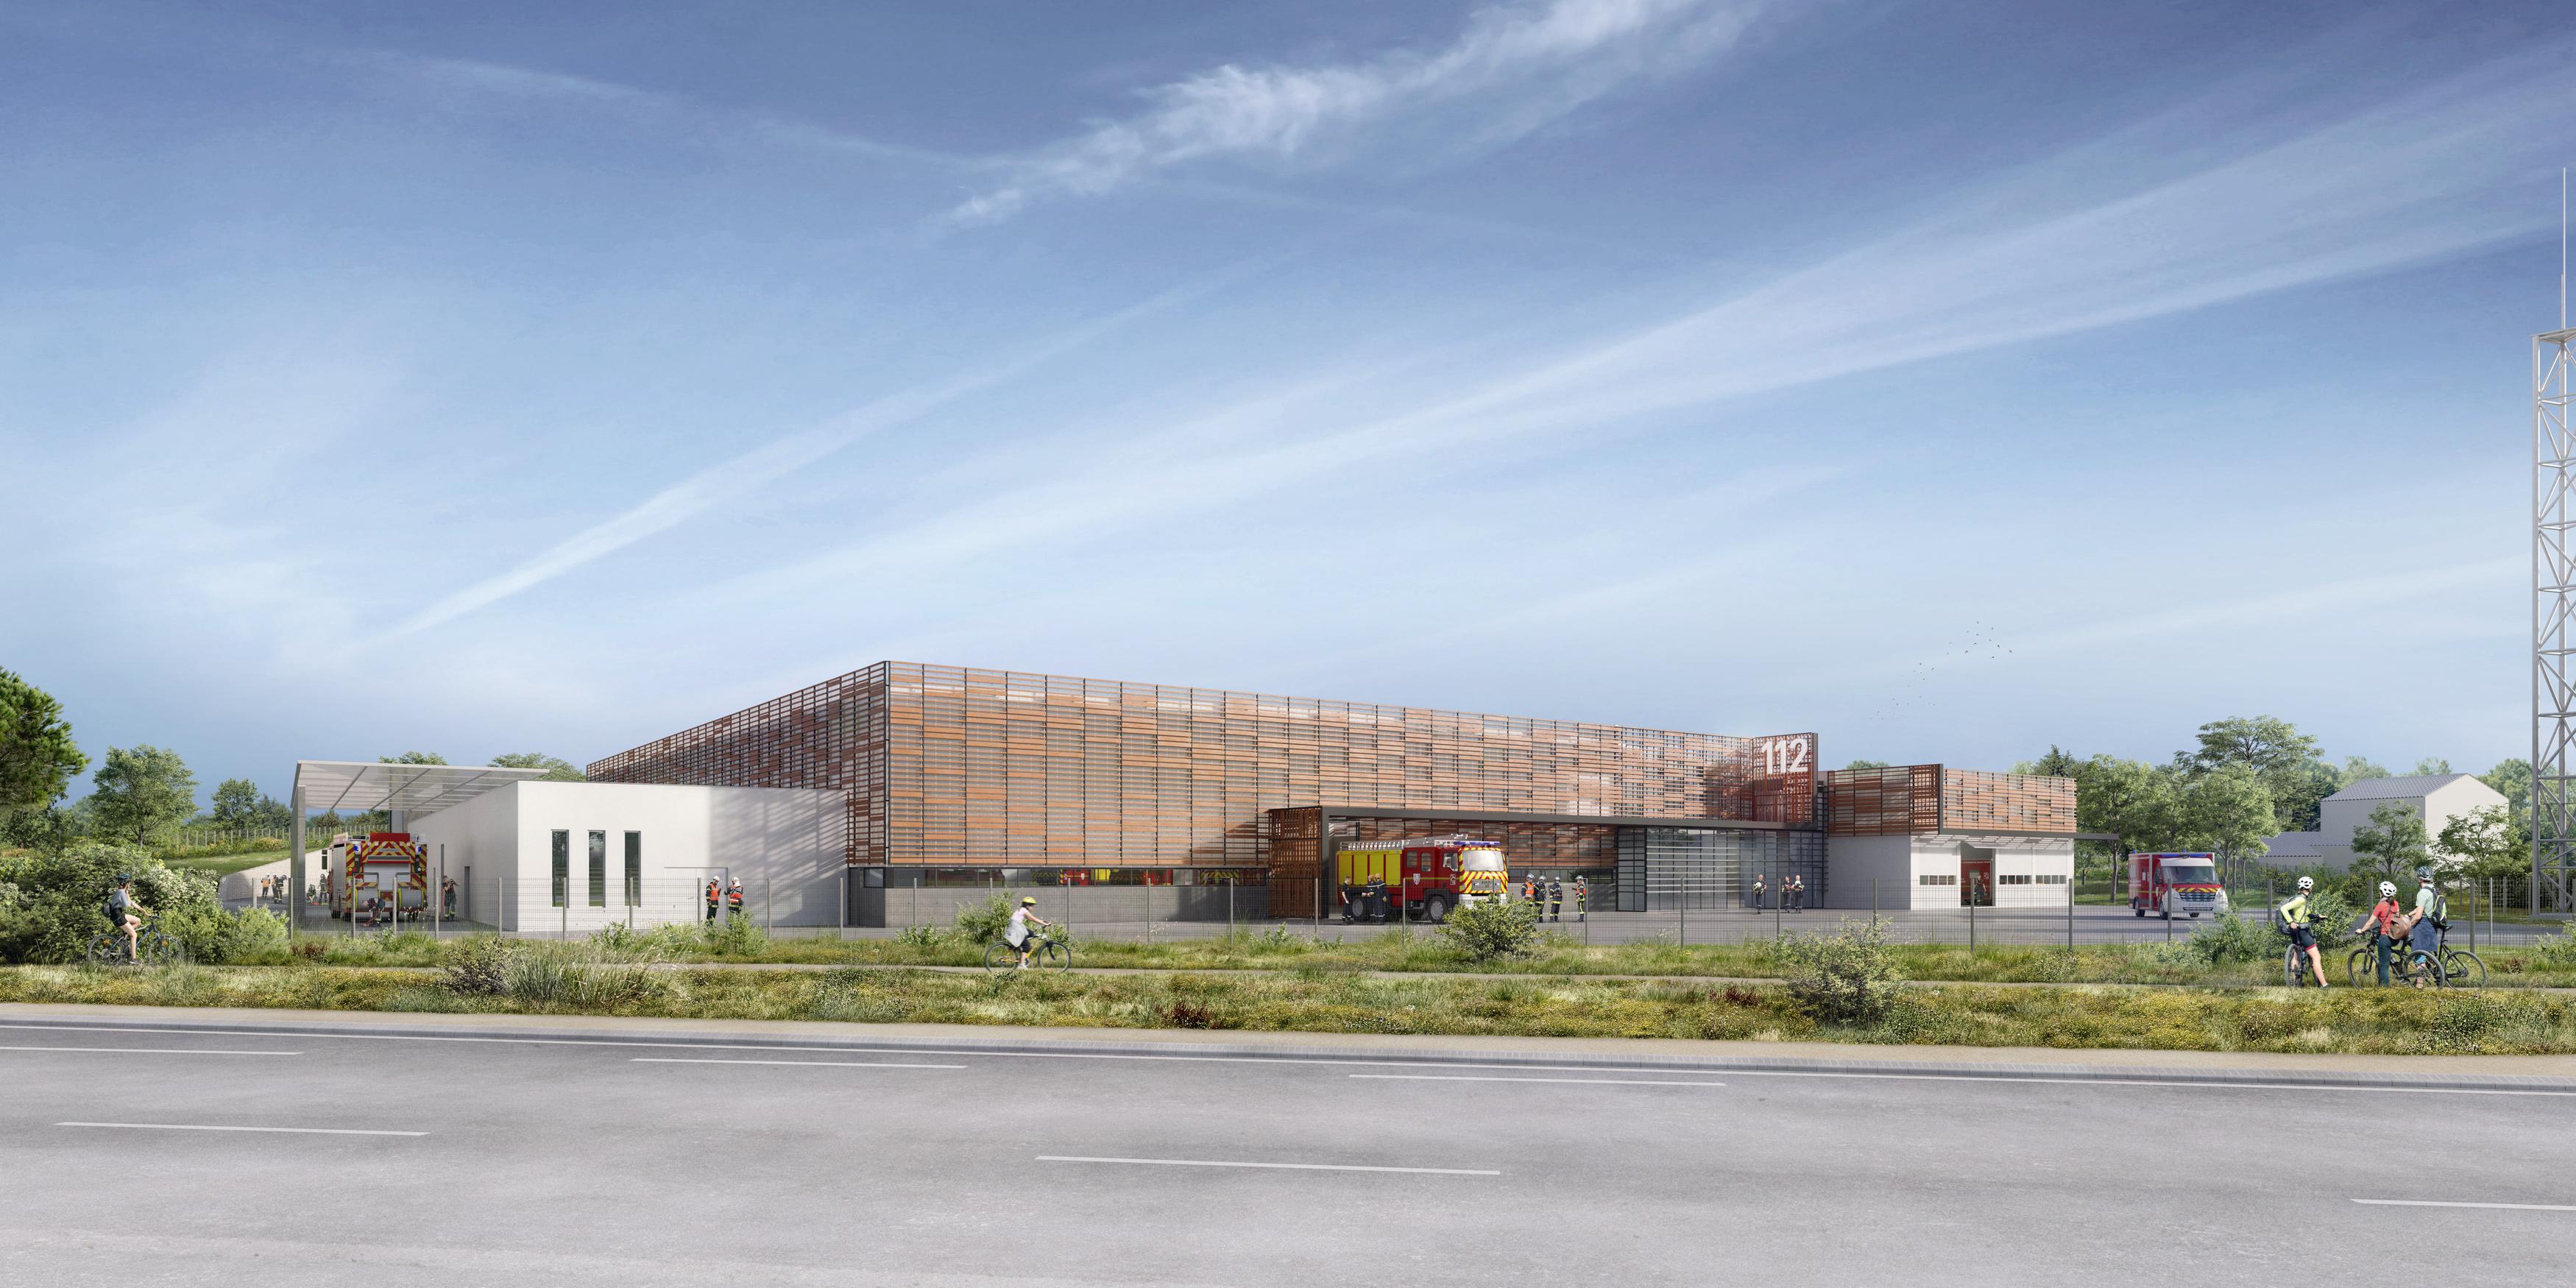 BPG & Associés - L2 architectes - concours pompiers - Concours CIS La Rochelle Lagord - image 3D - render - archiviz - image de synthèse